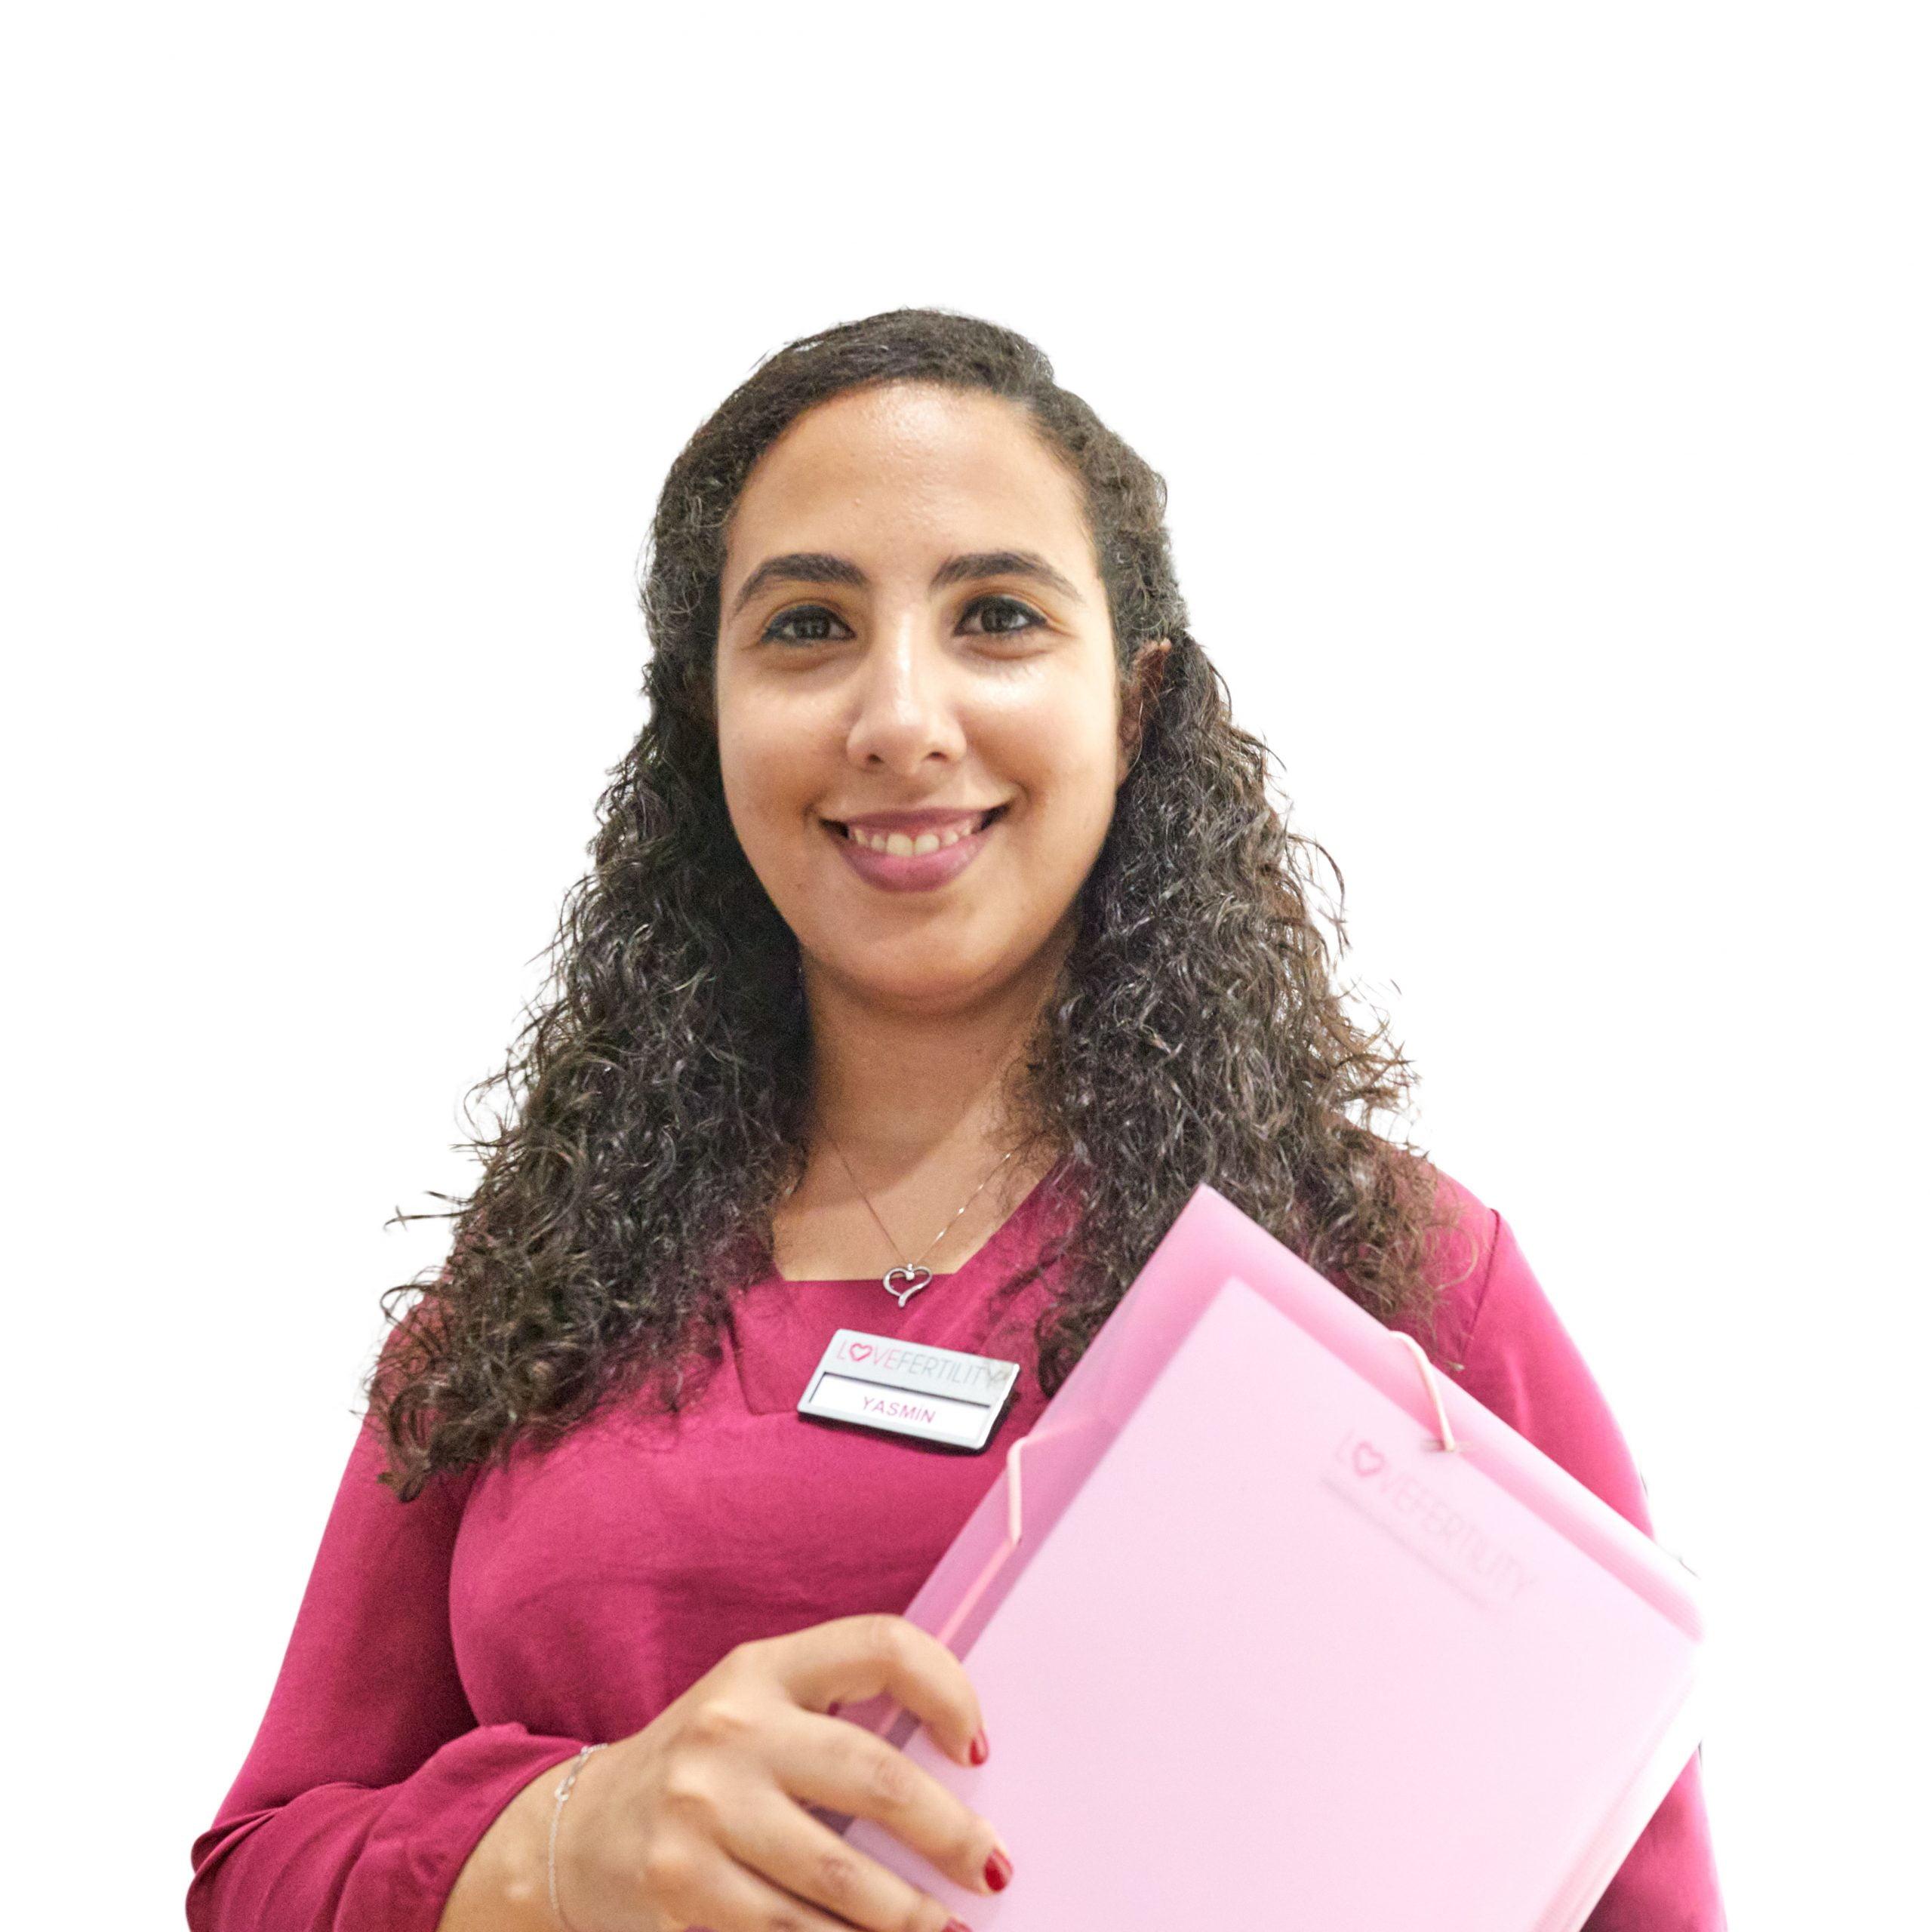 Yasmin Abdelkarim